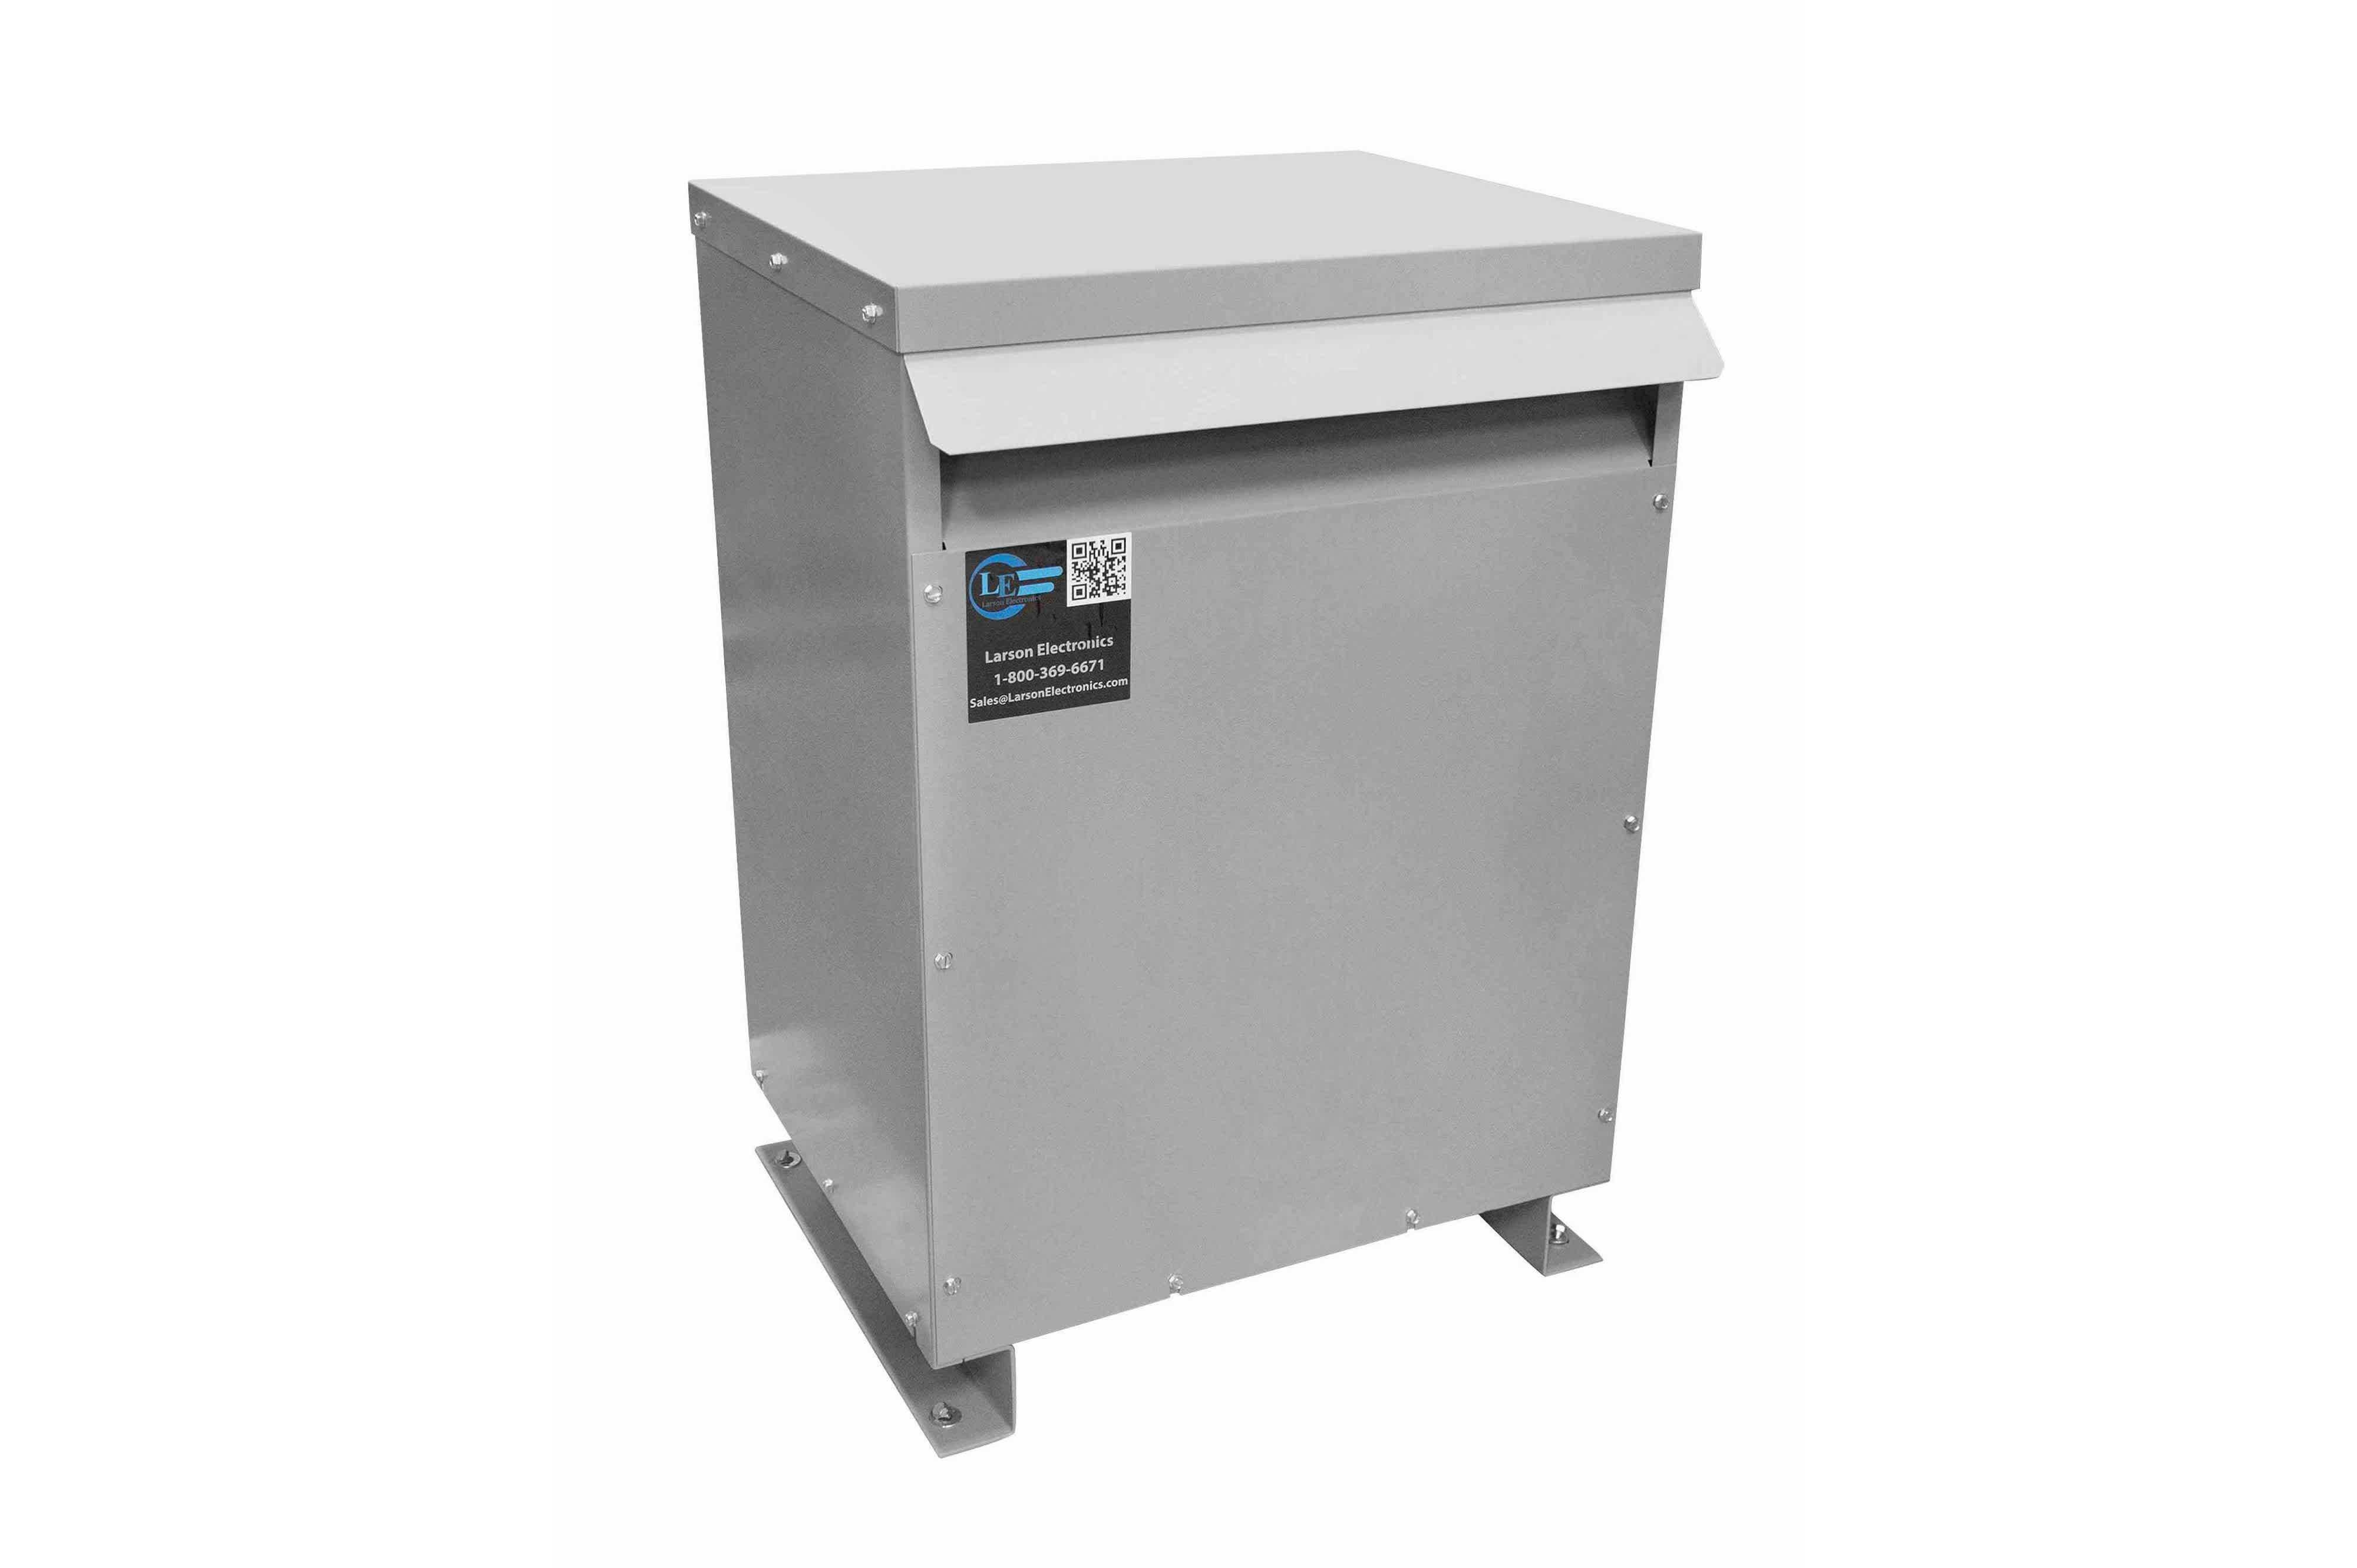 125 kVA 3PH Isolation Transformer, 380V Delta Primary, 208V Delta Secondary, N3R, Ventilated, 60 Hz